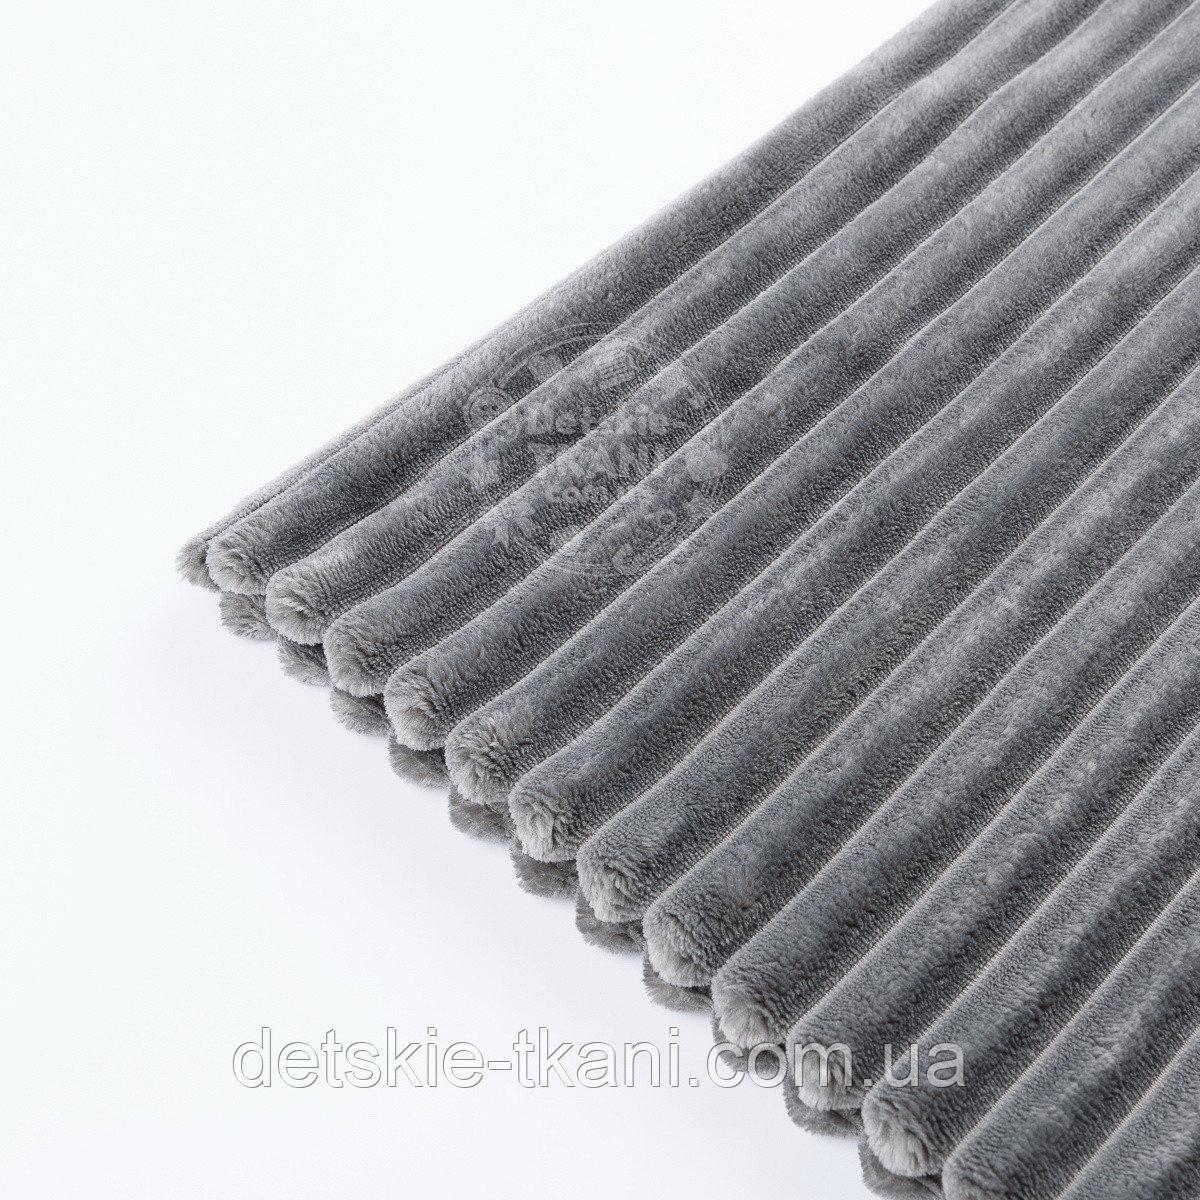 Три лоскута плюша в полоску Stripes тёмно-серого цвета, размер 50*20, 60*25, 25*30 см